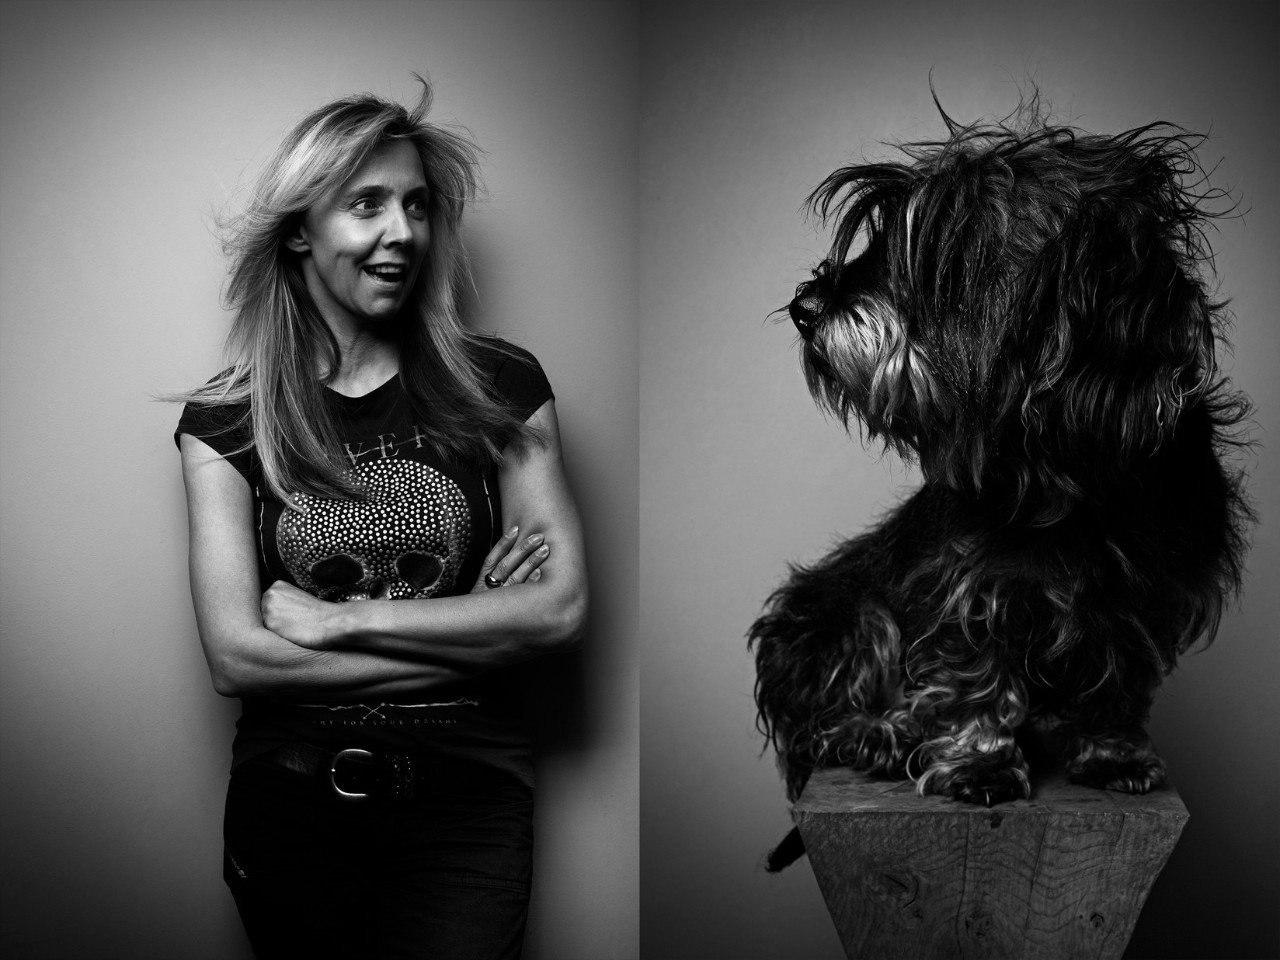 Не зря говорят, что домашние животные похожи на своих хозяев: серия снимков от немецкого фотографа Тобиаса Ланга это доказывает